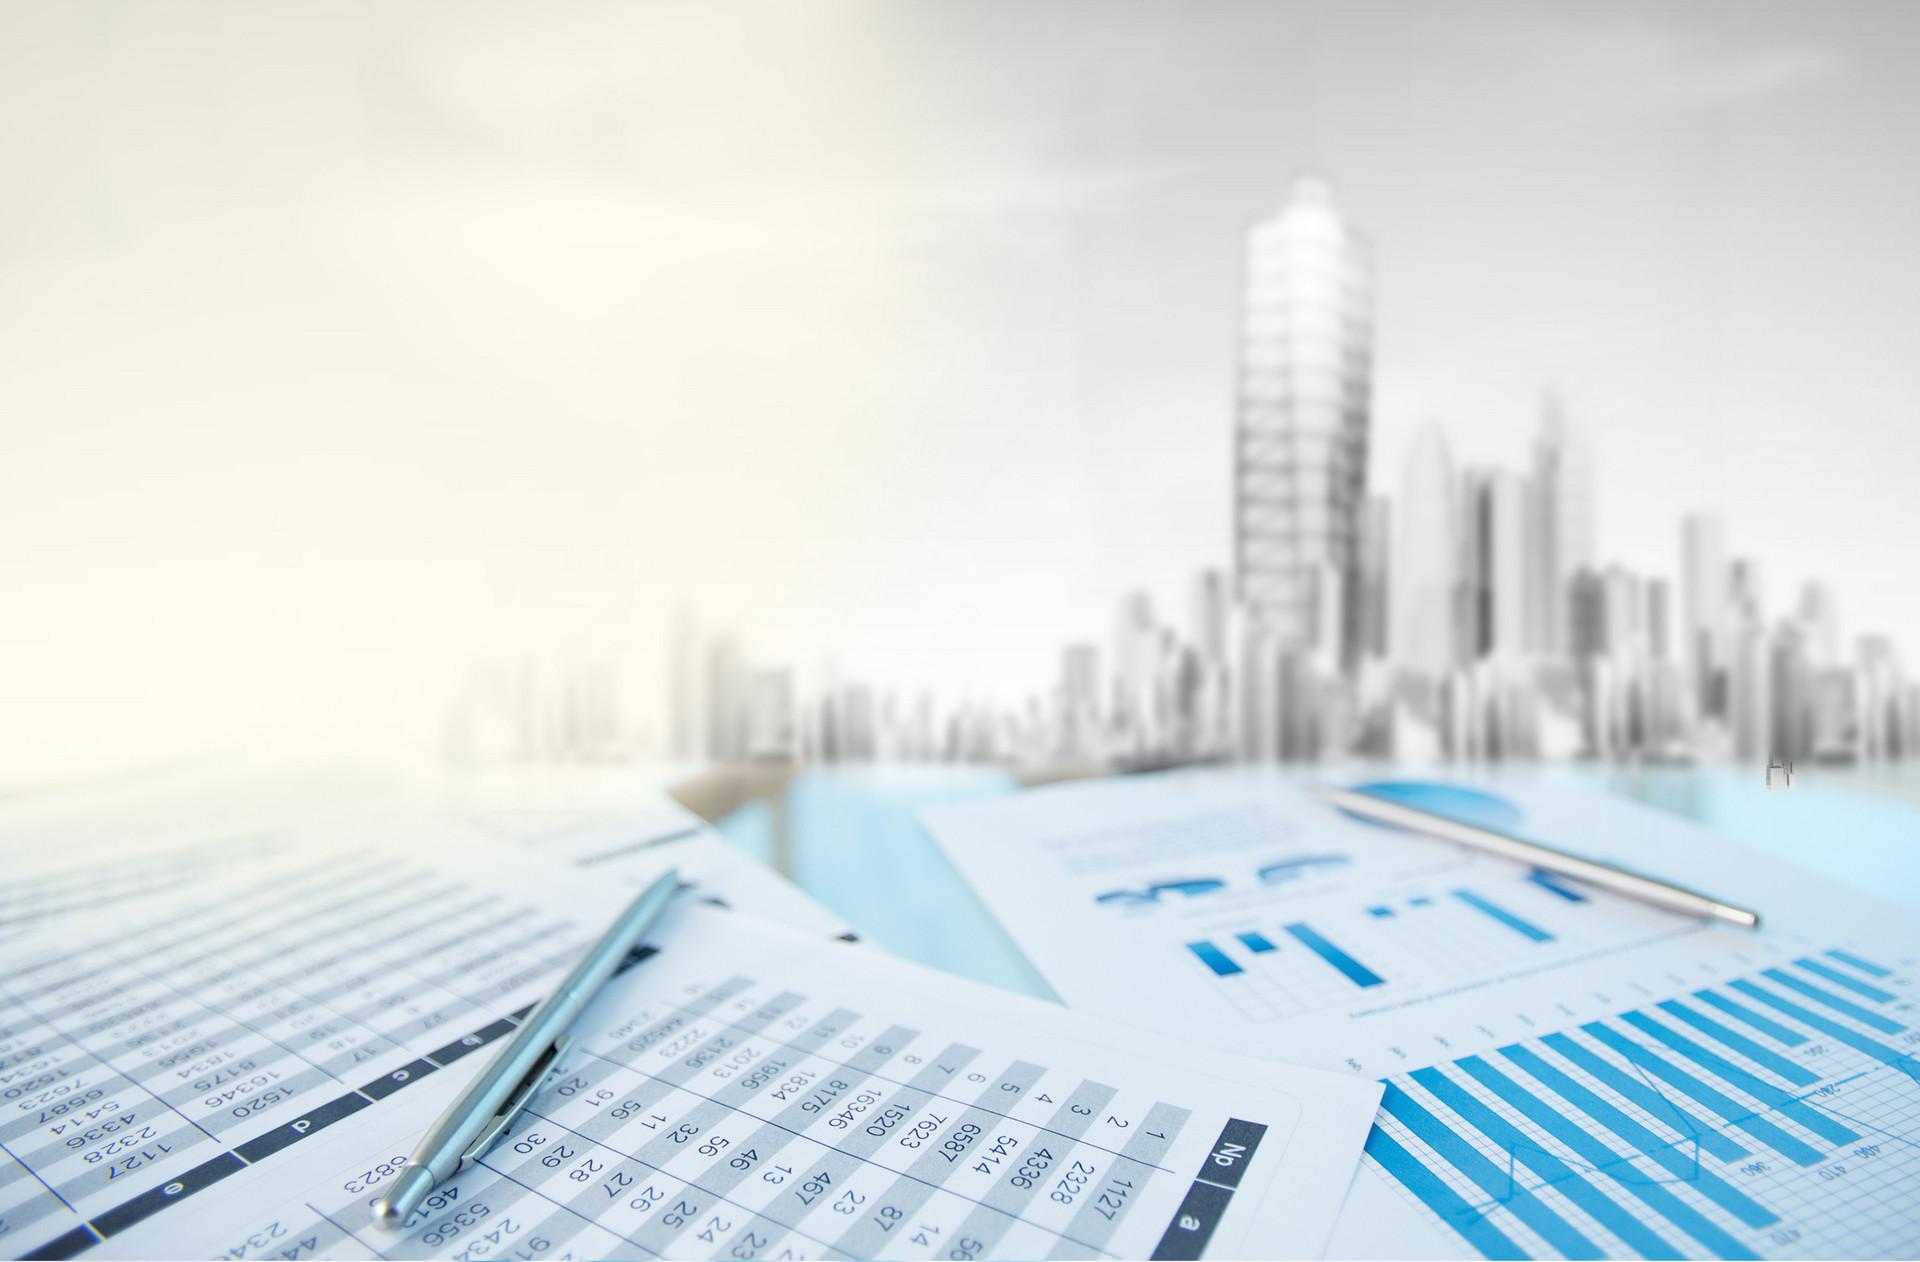 机构投资者接踵而至 我国场外期权市场发展空间巨大